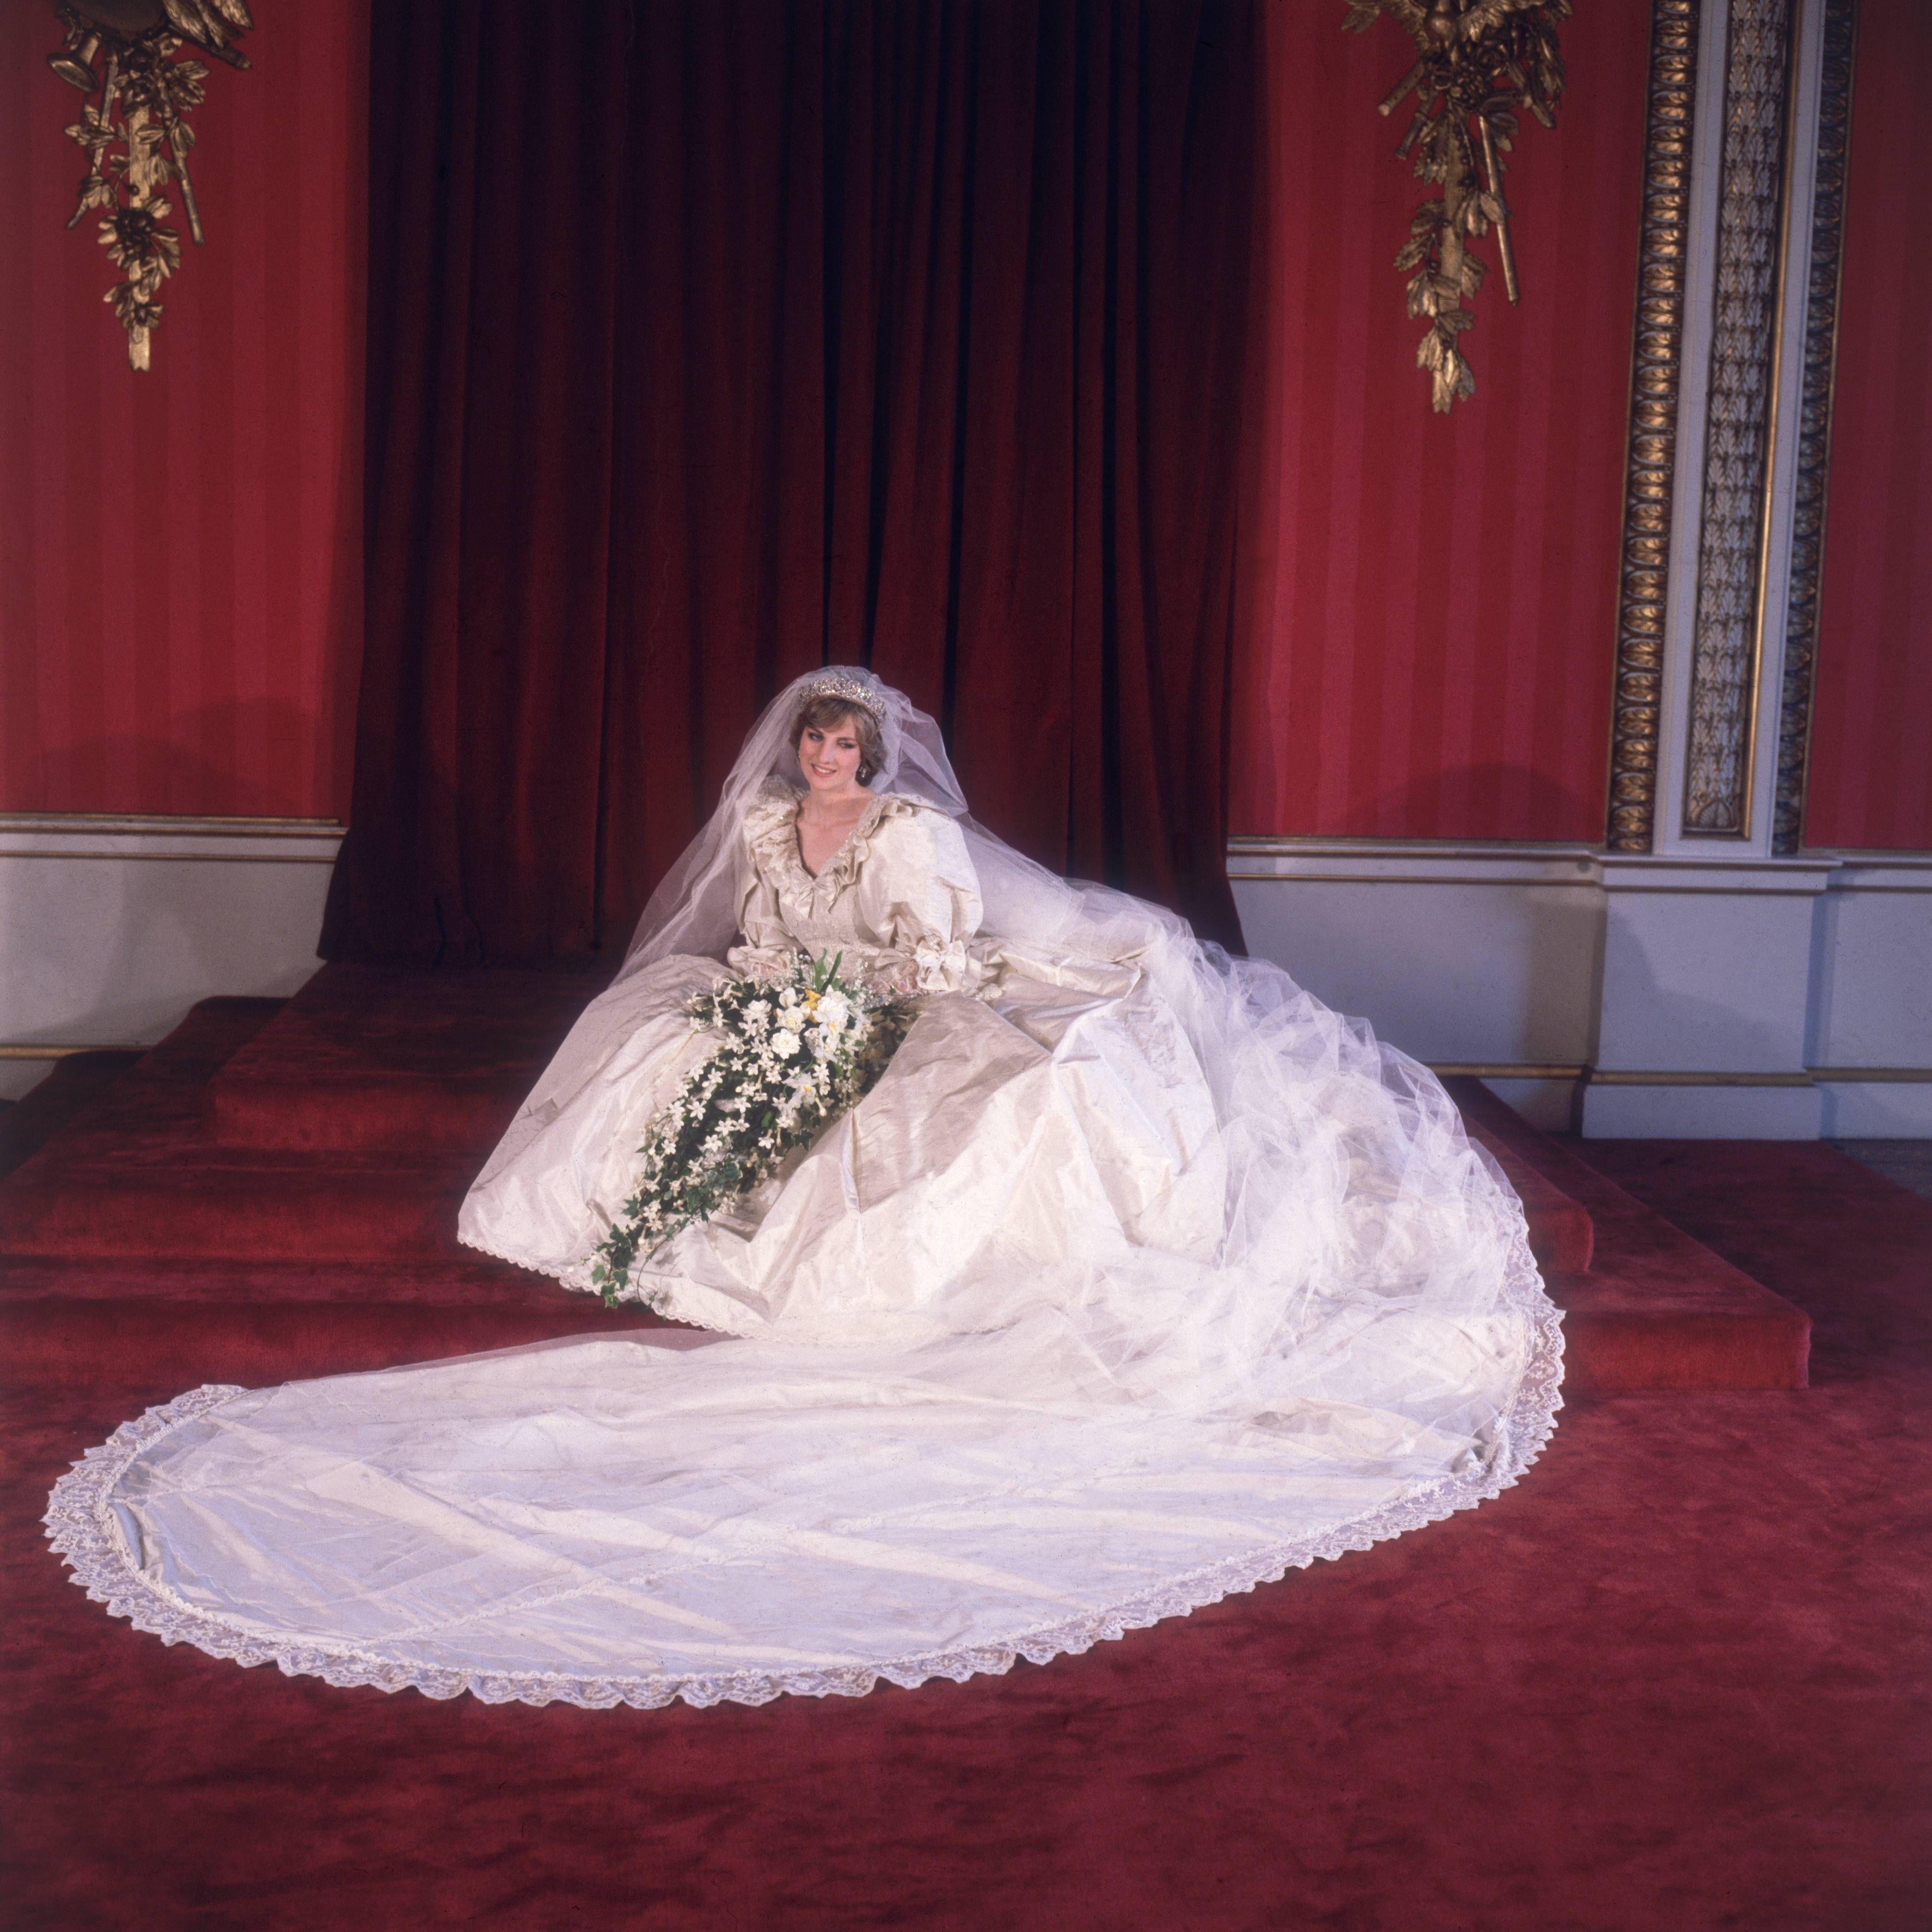 Princess Diana - wedding dress